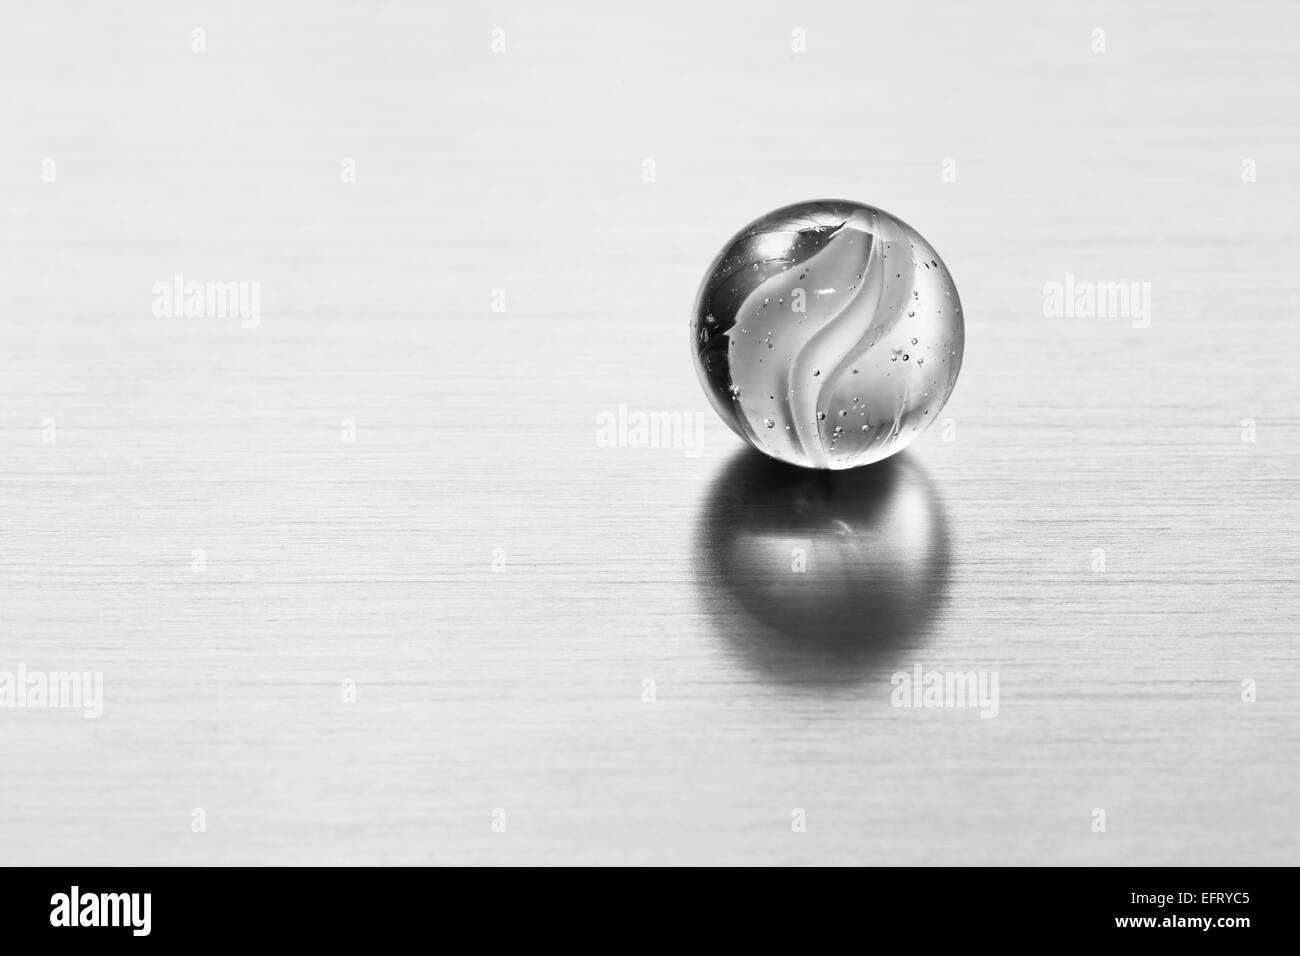 Vetro trasparente sfera sulla superficie di metallo. Conceptual background moderno per sciene, tecnologia business, Immagini Stock